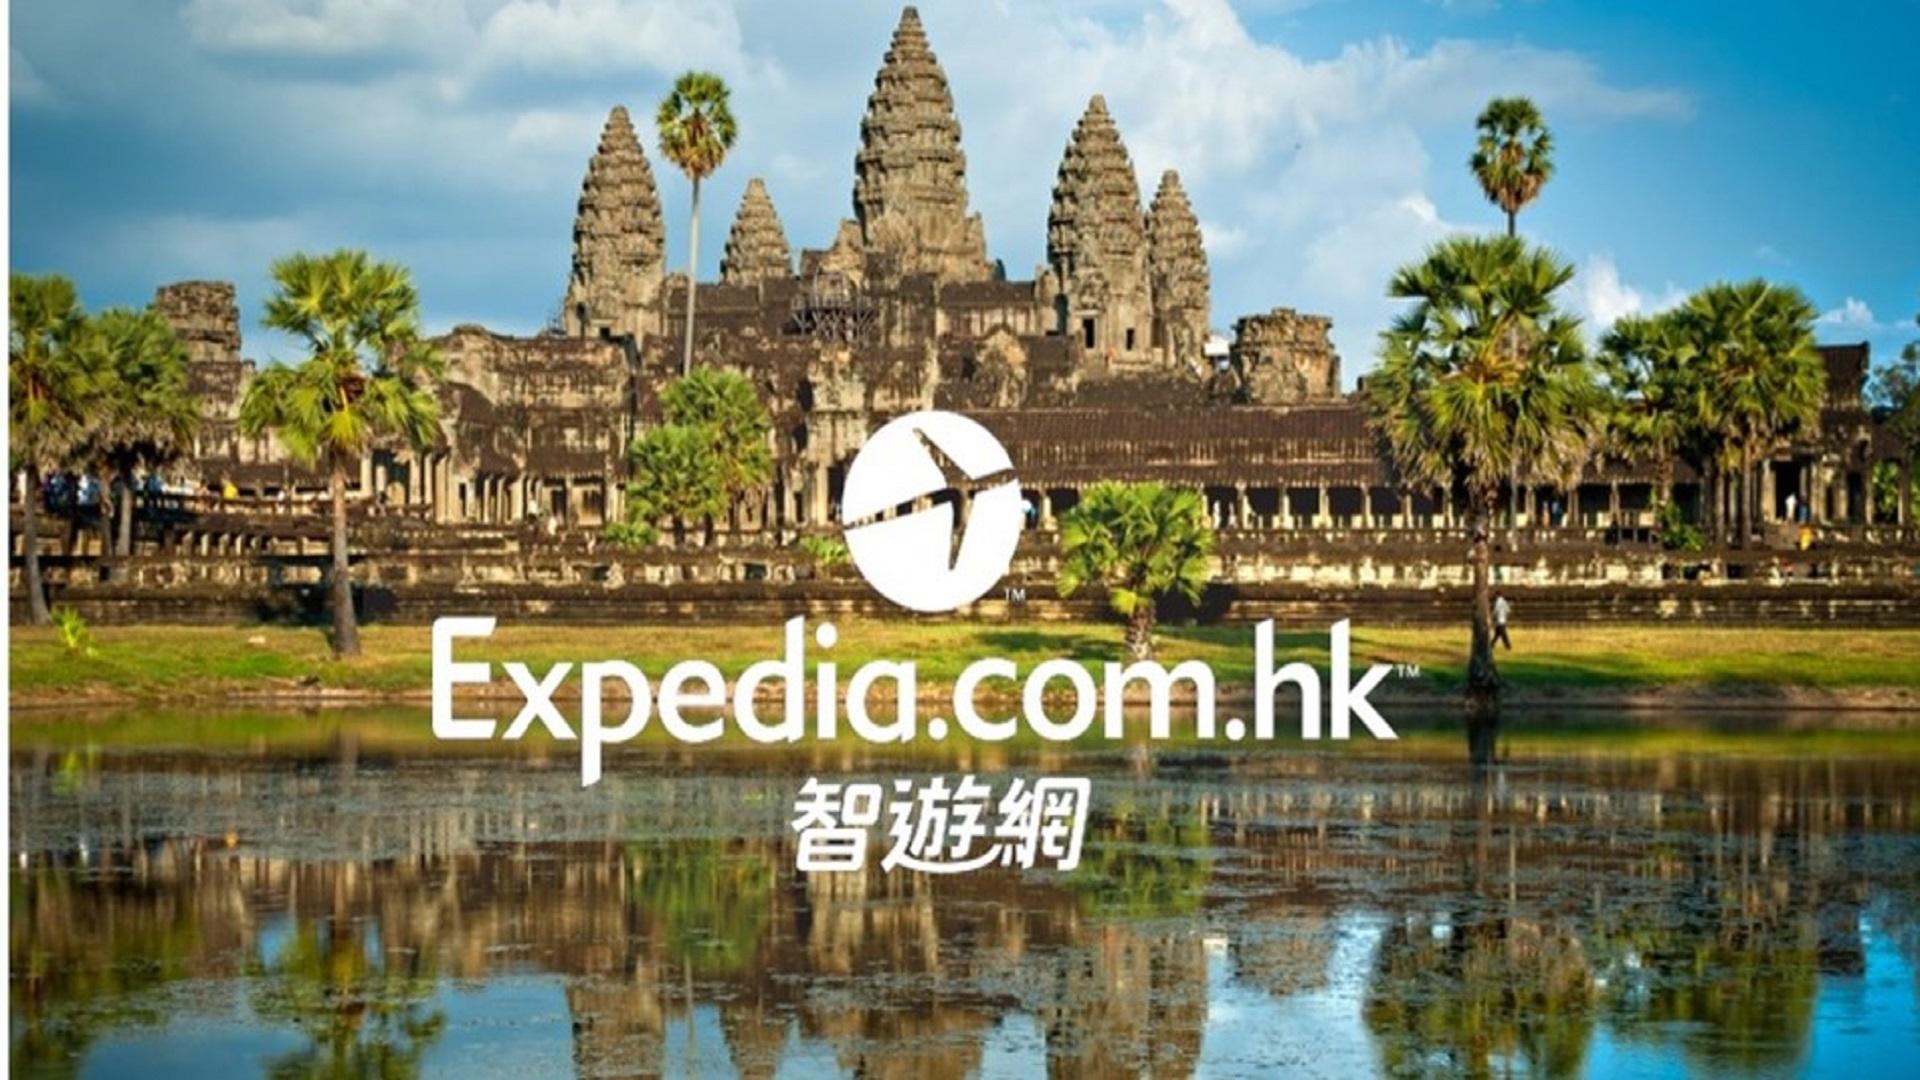 Expedia.com.hk